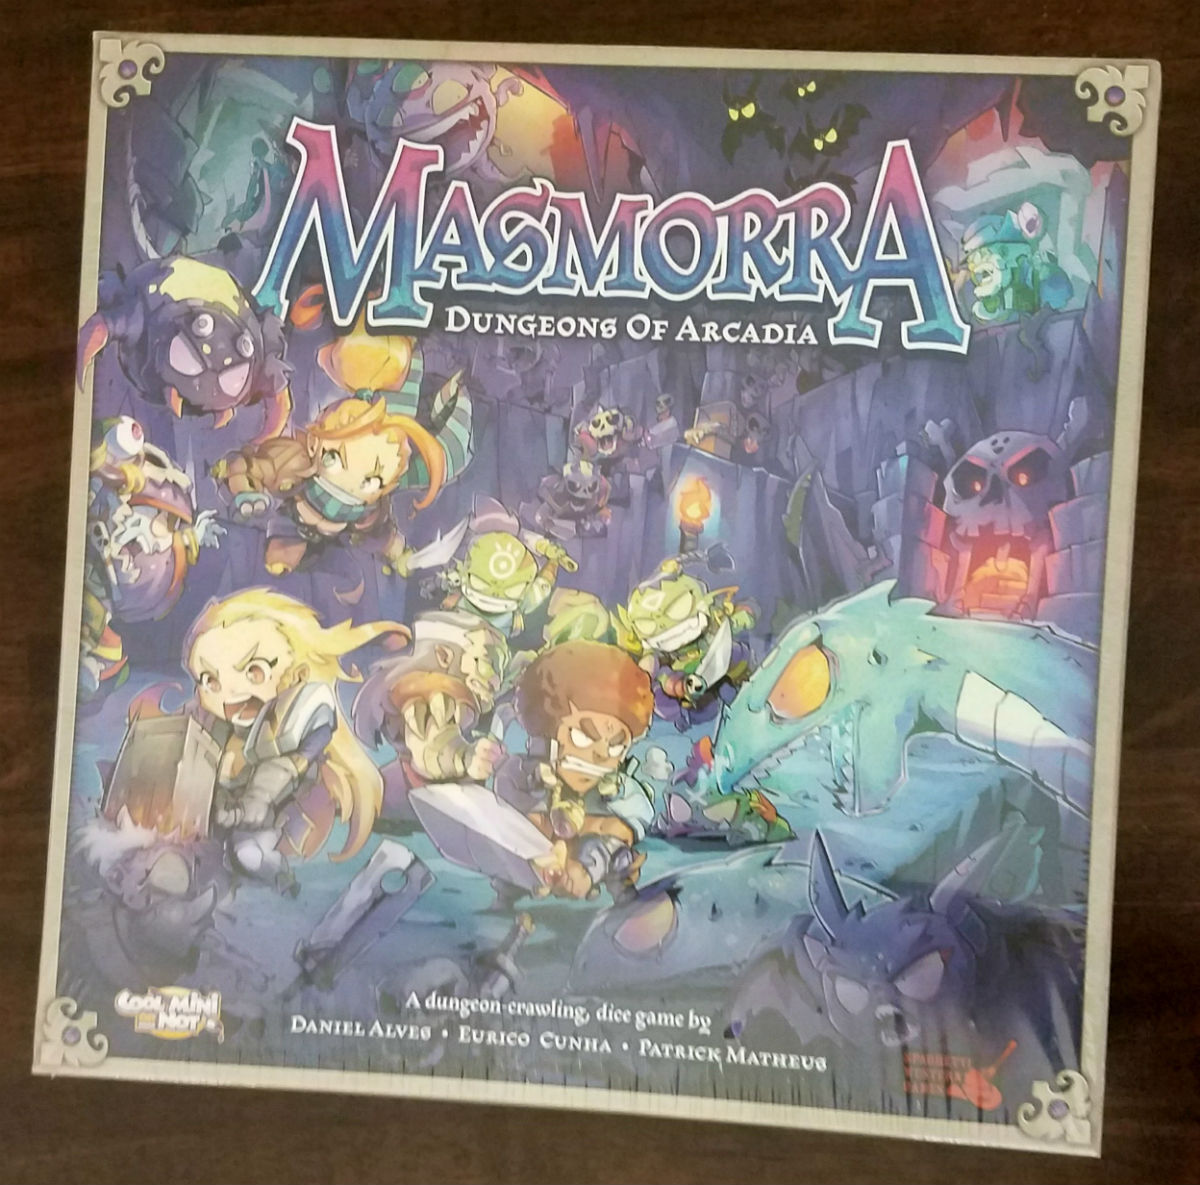 Masmorra dungeons von arcadia brettspiel kern - box - spiel cmon